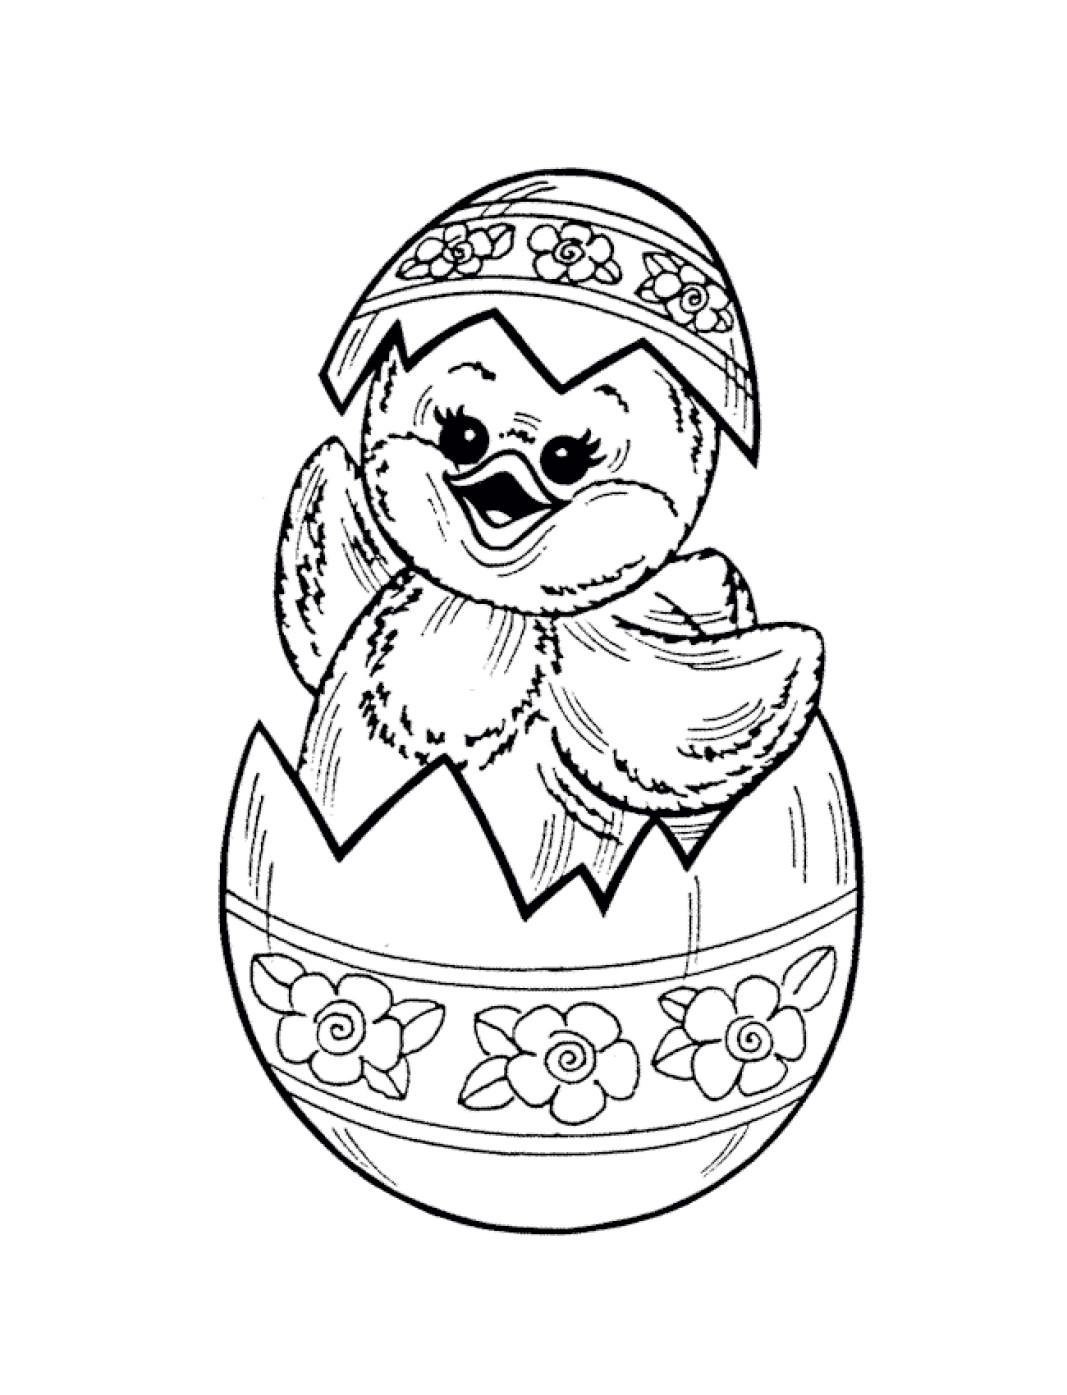 Mandala Ostern Malvorlagen  Kostenlose Malvorlagen & Ausmalbilder mit Ostern Motiven